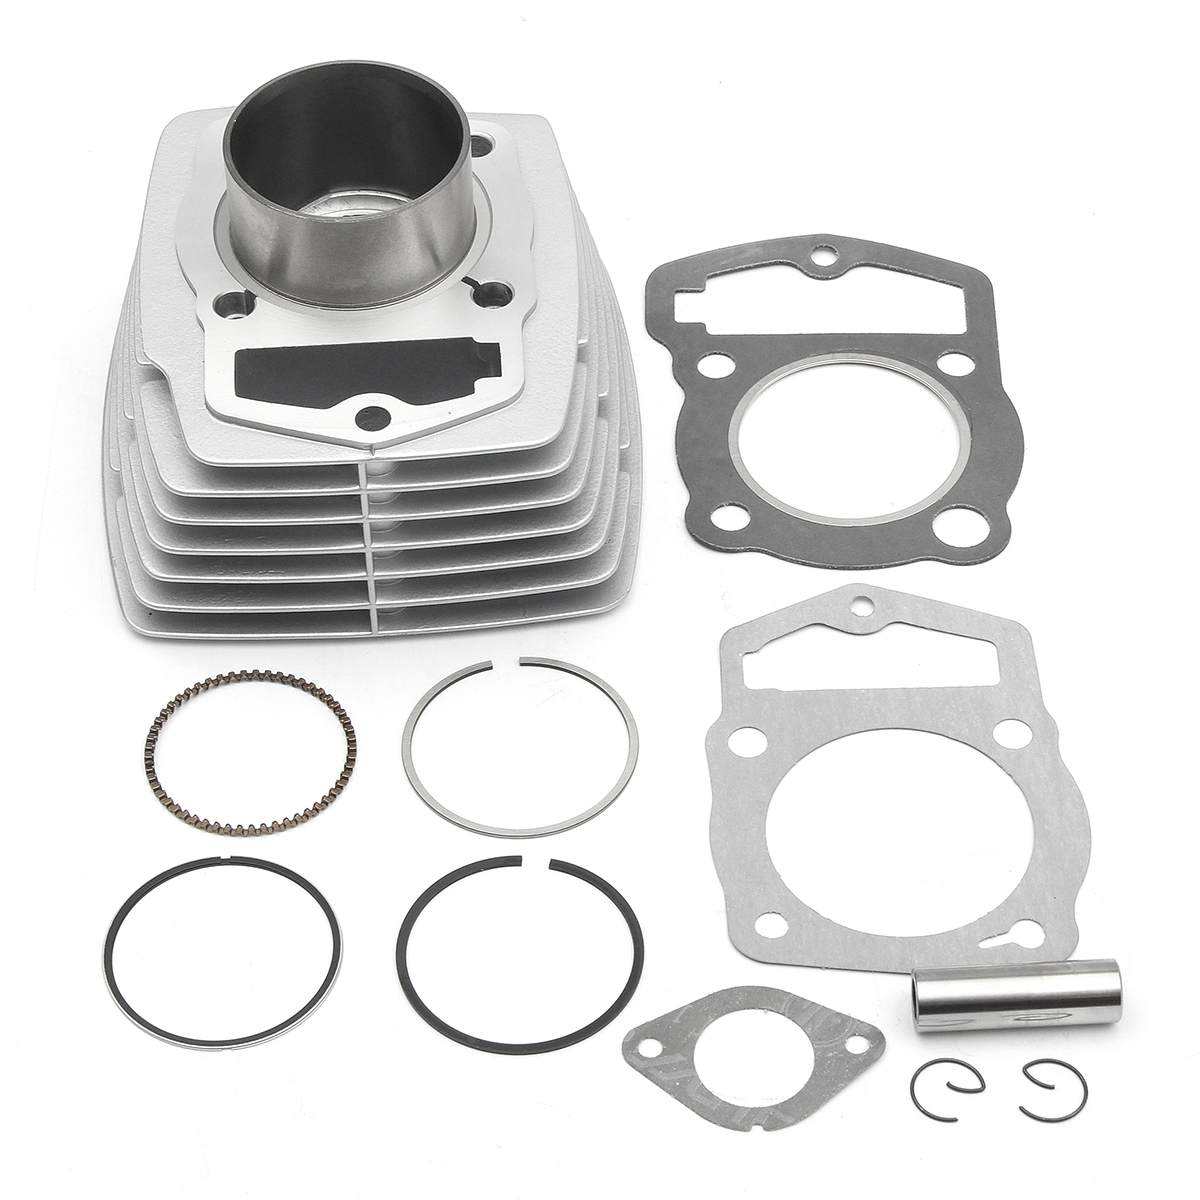 Pour Honda CB125S 976-1985 CL125S 1973-1974 SL125 XL125 1971-1973 OHC 125cc Cylindre Soupape de Moteur Kit de Joint